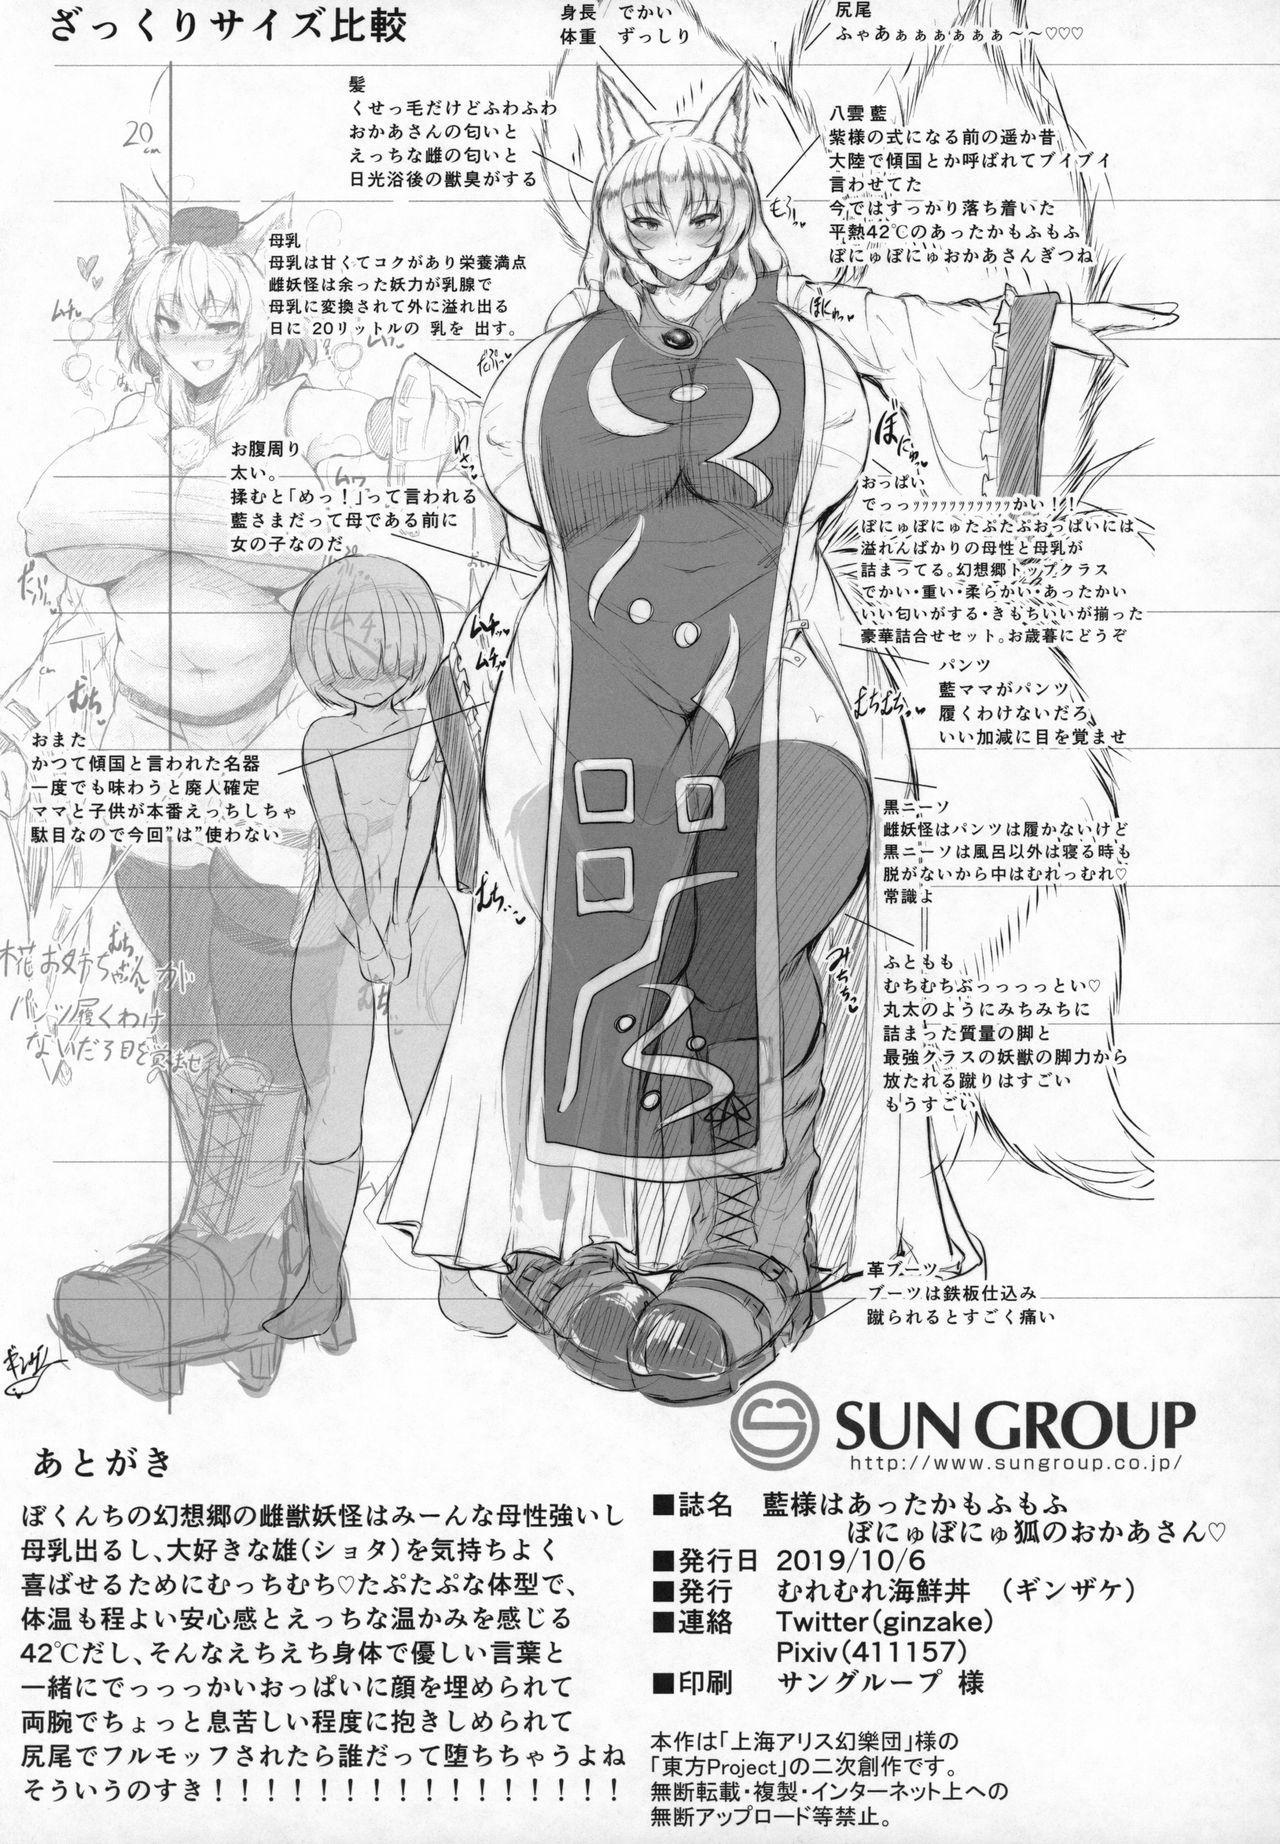 (Shuuki Reitaisai 6) [Muremure Kaisendon (Ginzake)] Ran-sama wa Attaka Mofumofu Bonyubonyu Kitsune no Okaa-san (Touhou Project) 17